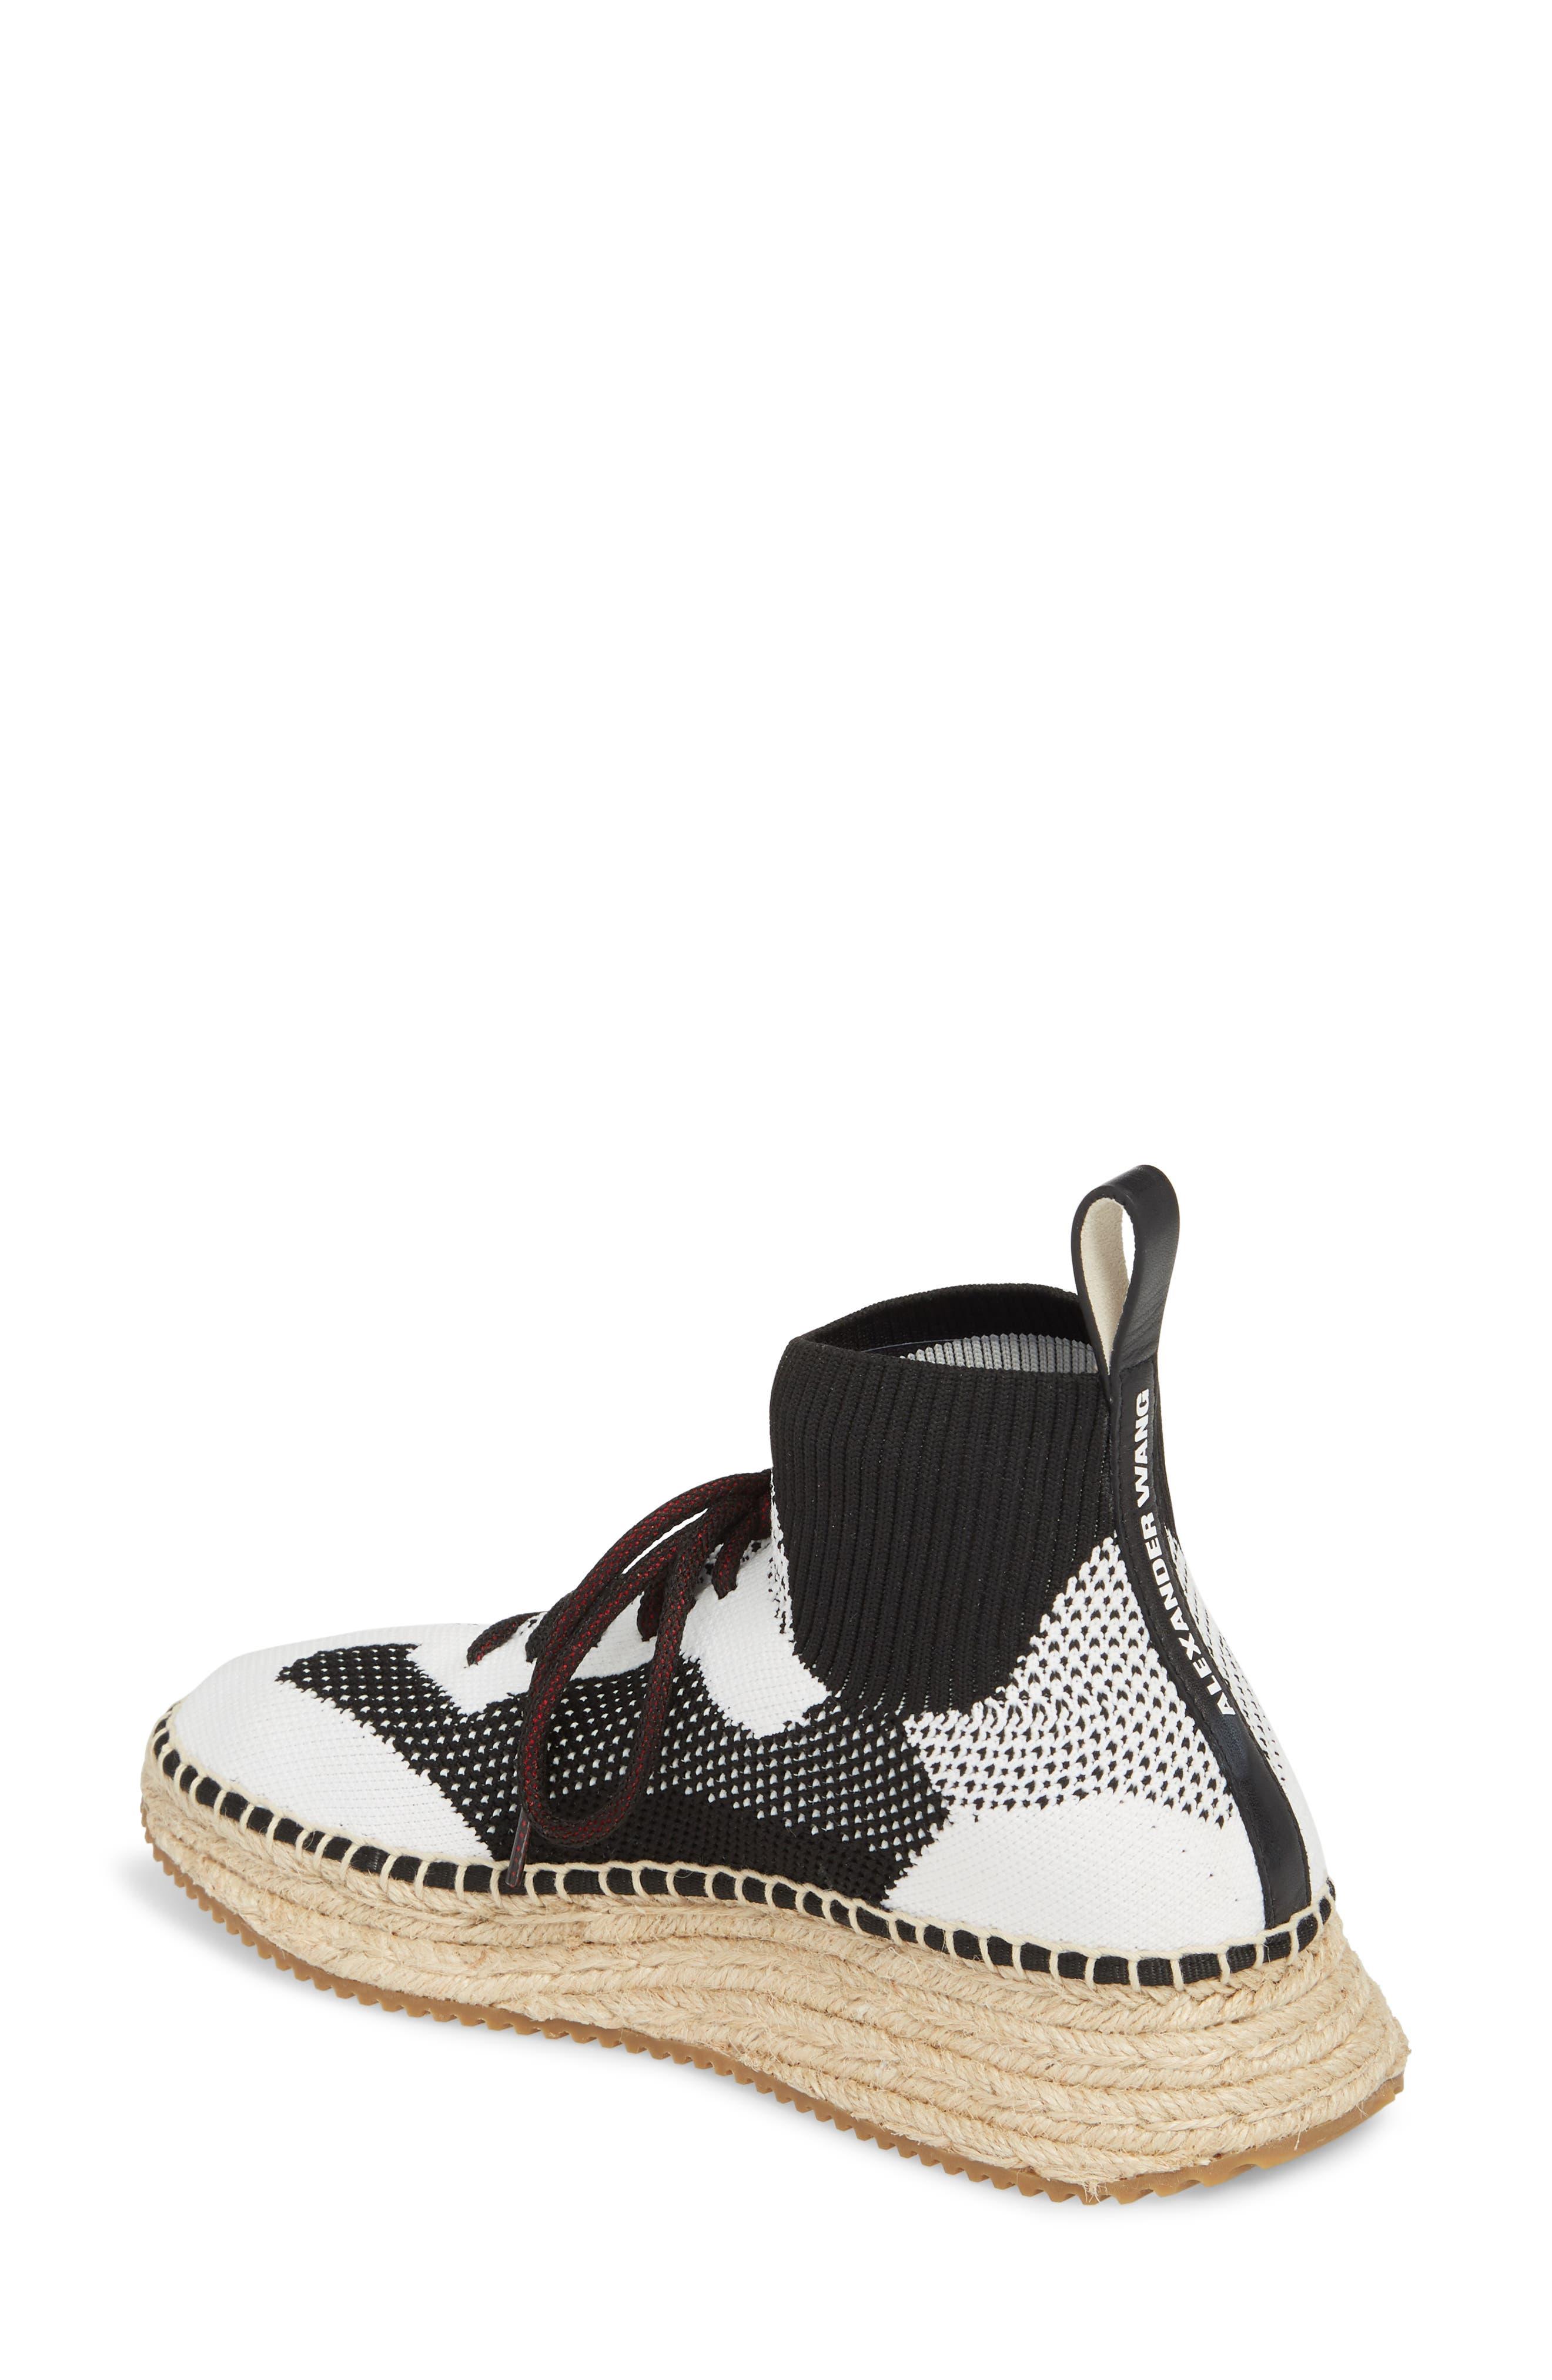 Dakota Espadrille Sock Sneaker,                             Alternate thumbnail 2, color,                             Black/ White/ Grey